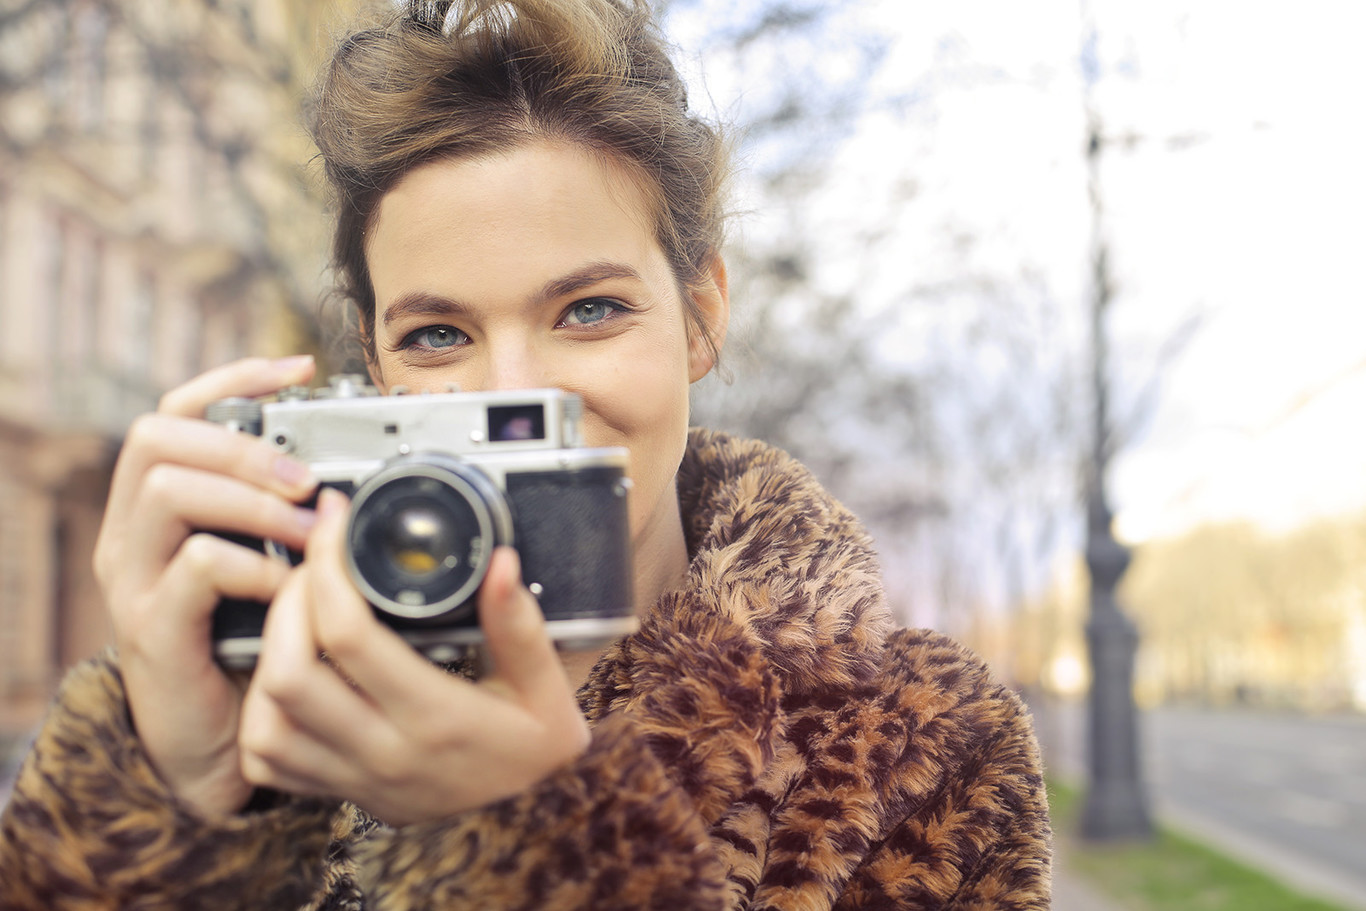 FOTOGRAFIA INTERESANTE - Magazine cover